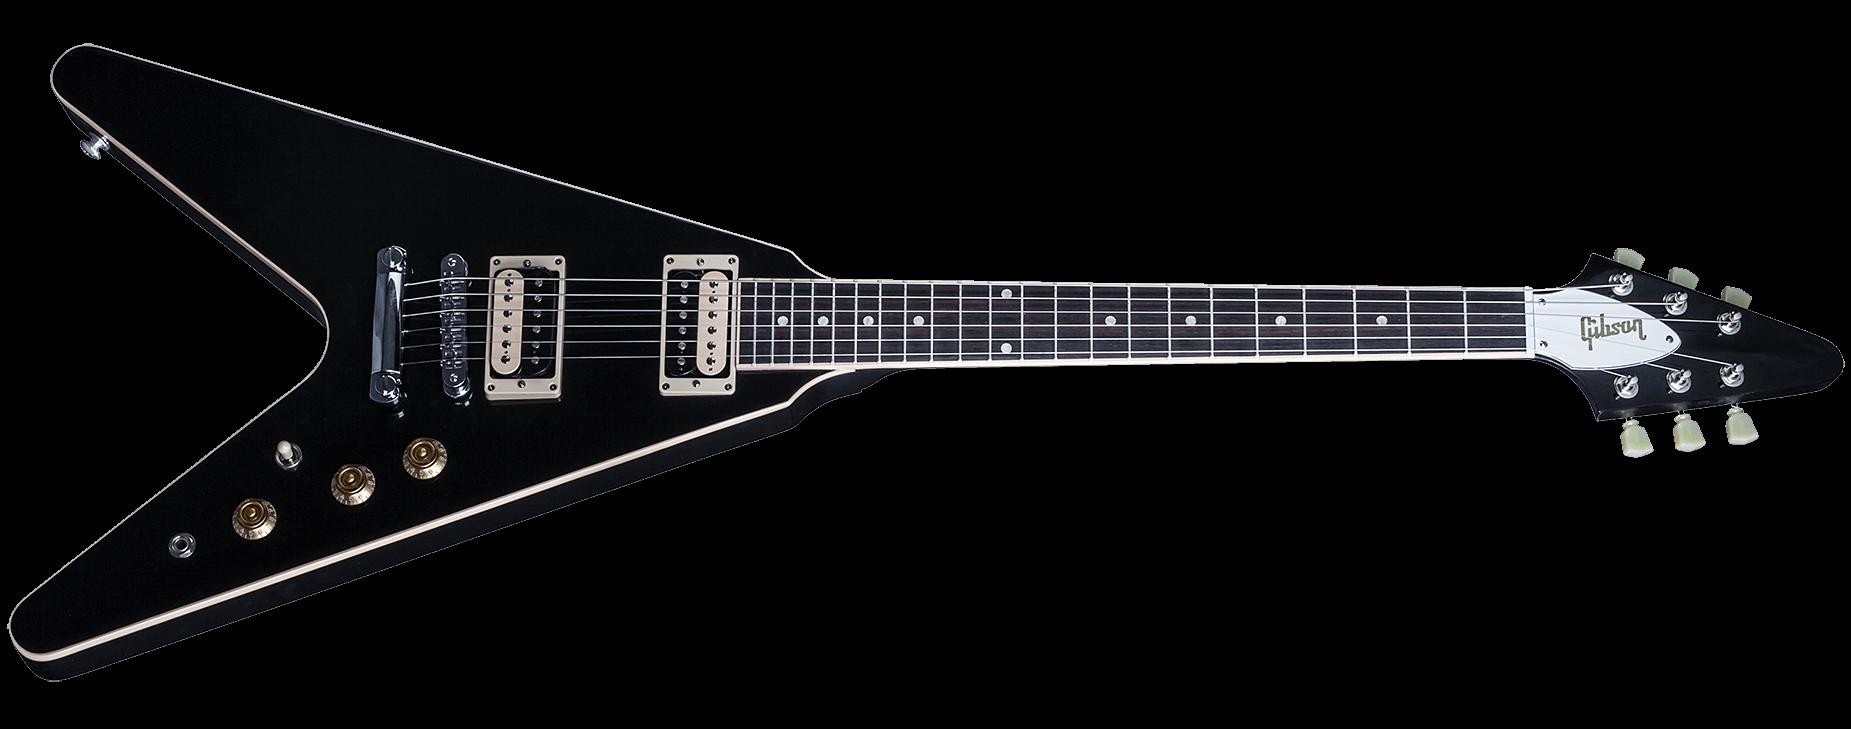 Gibson Flying V Pro 2016 T Ebony